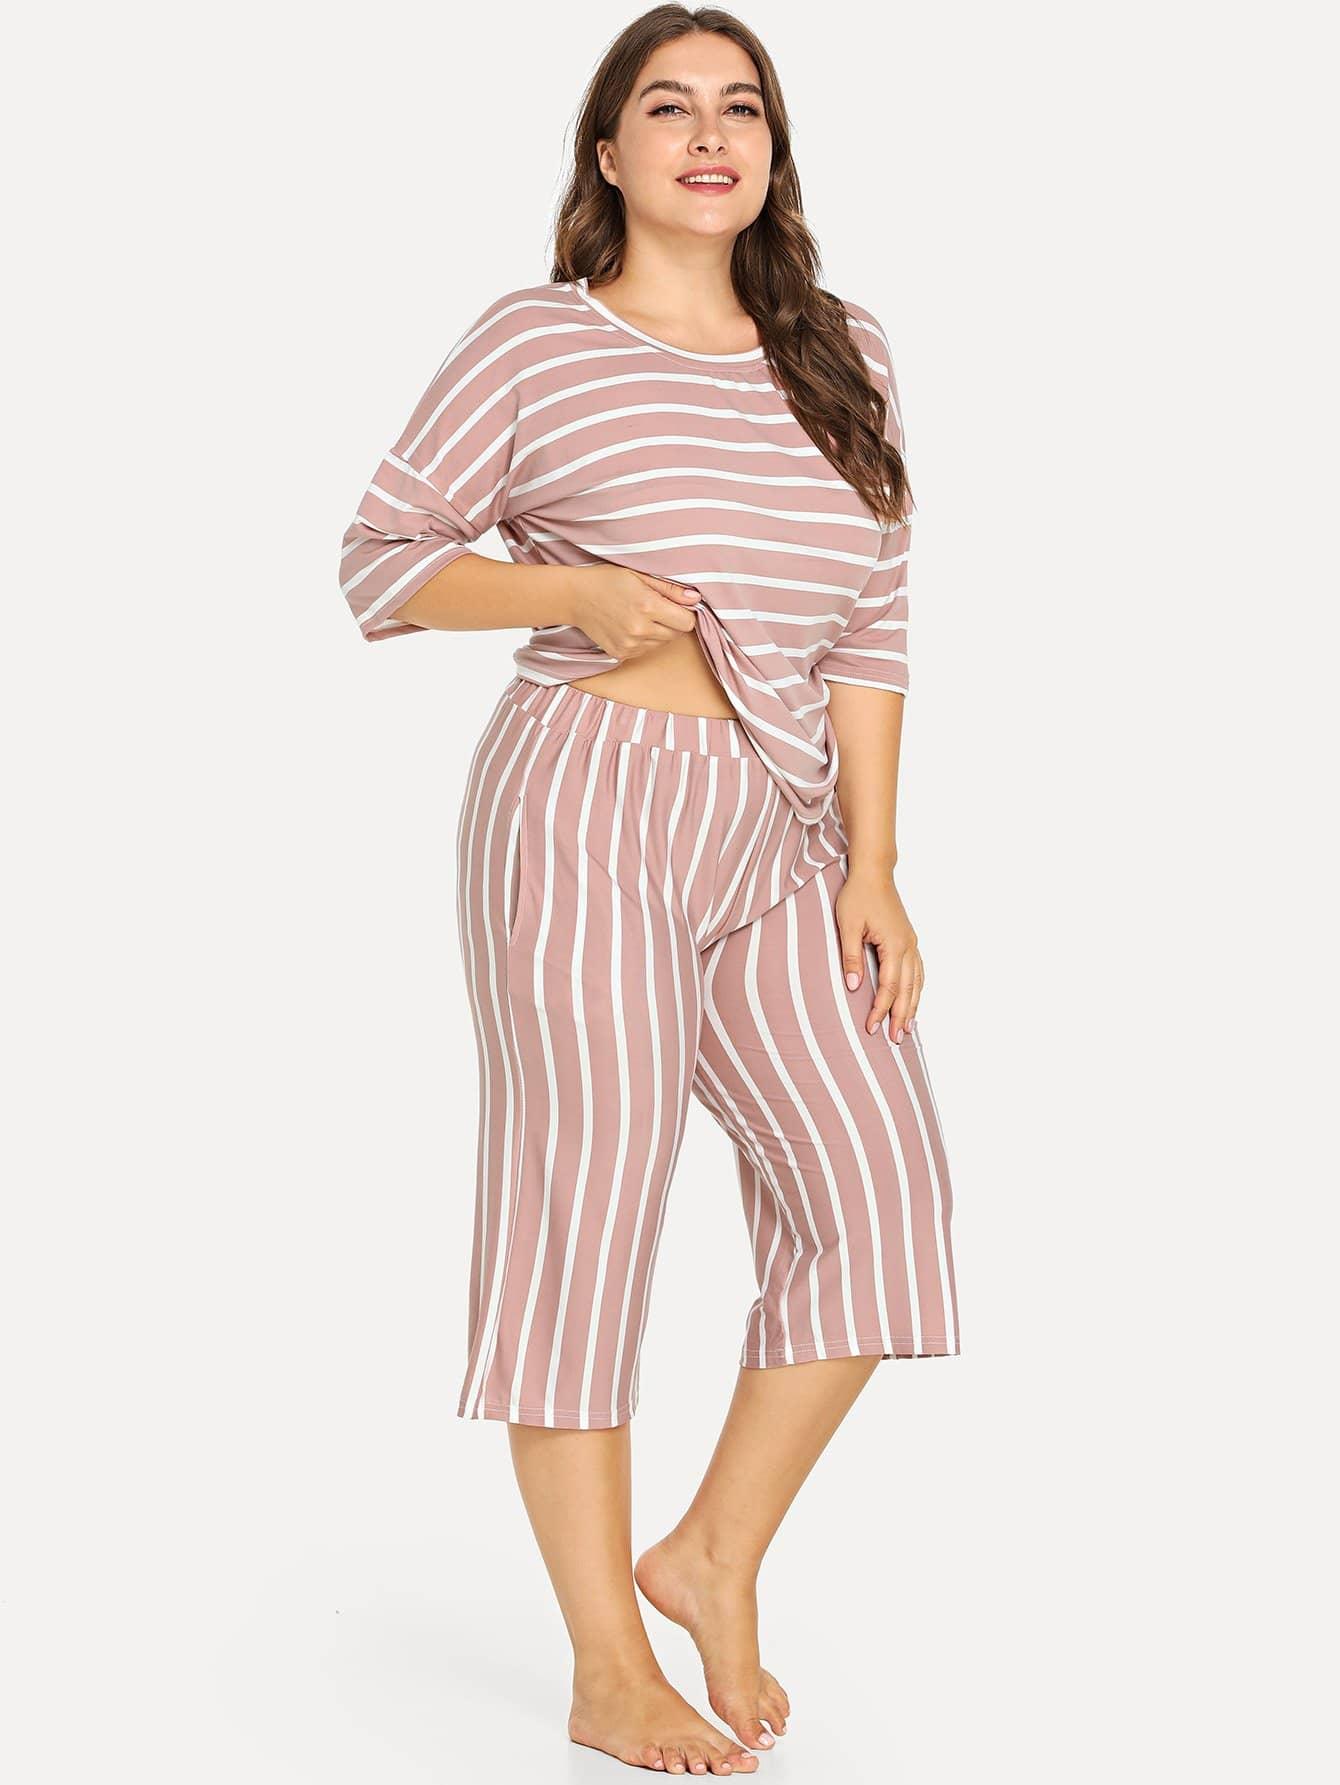 Übergroßes Pajama Set mit sehr tief angesetzter Schulterpartie und Streifen